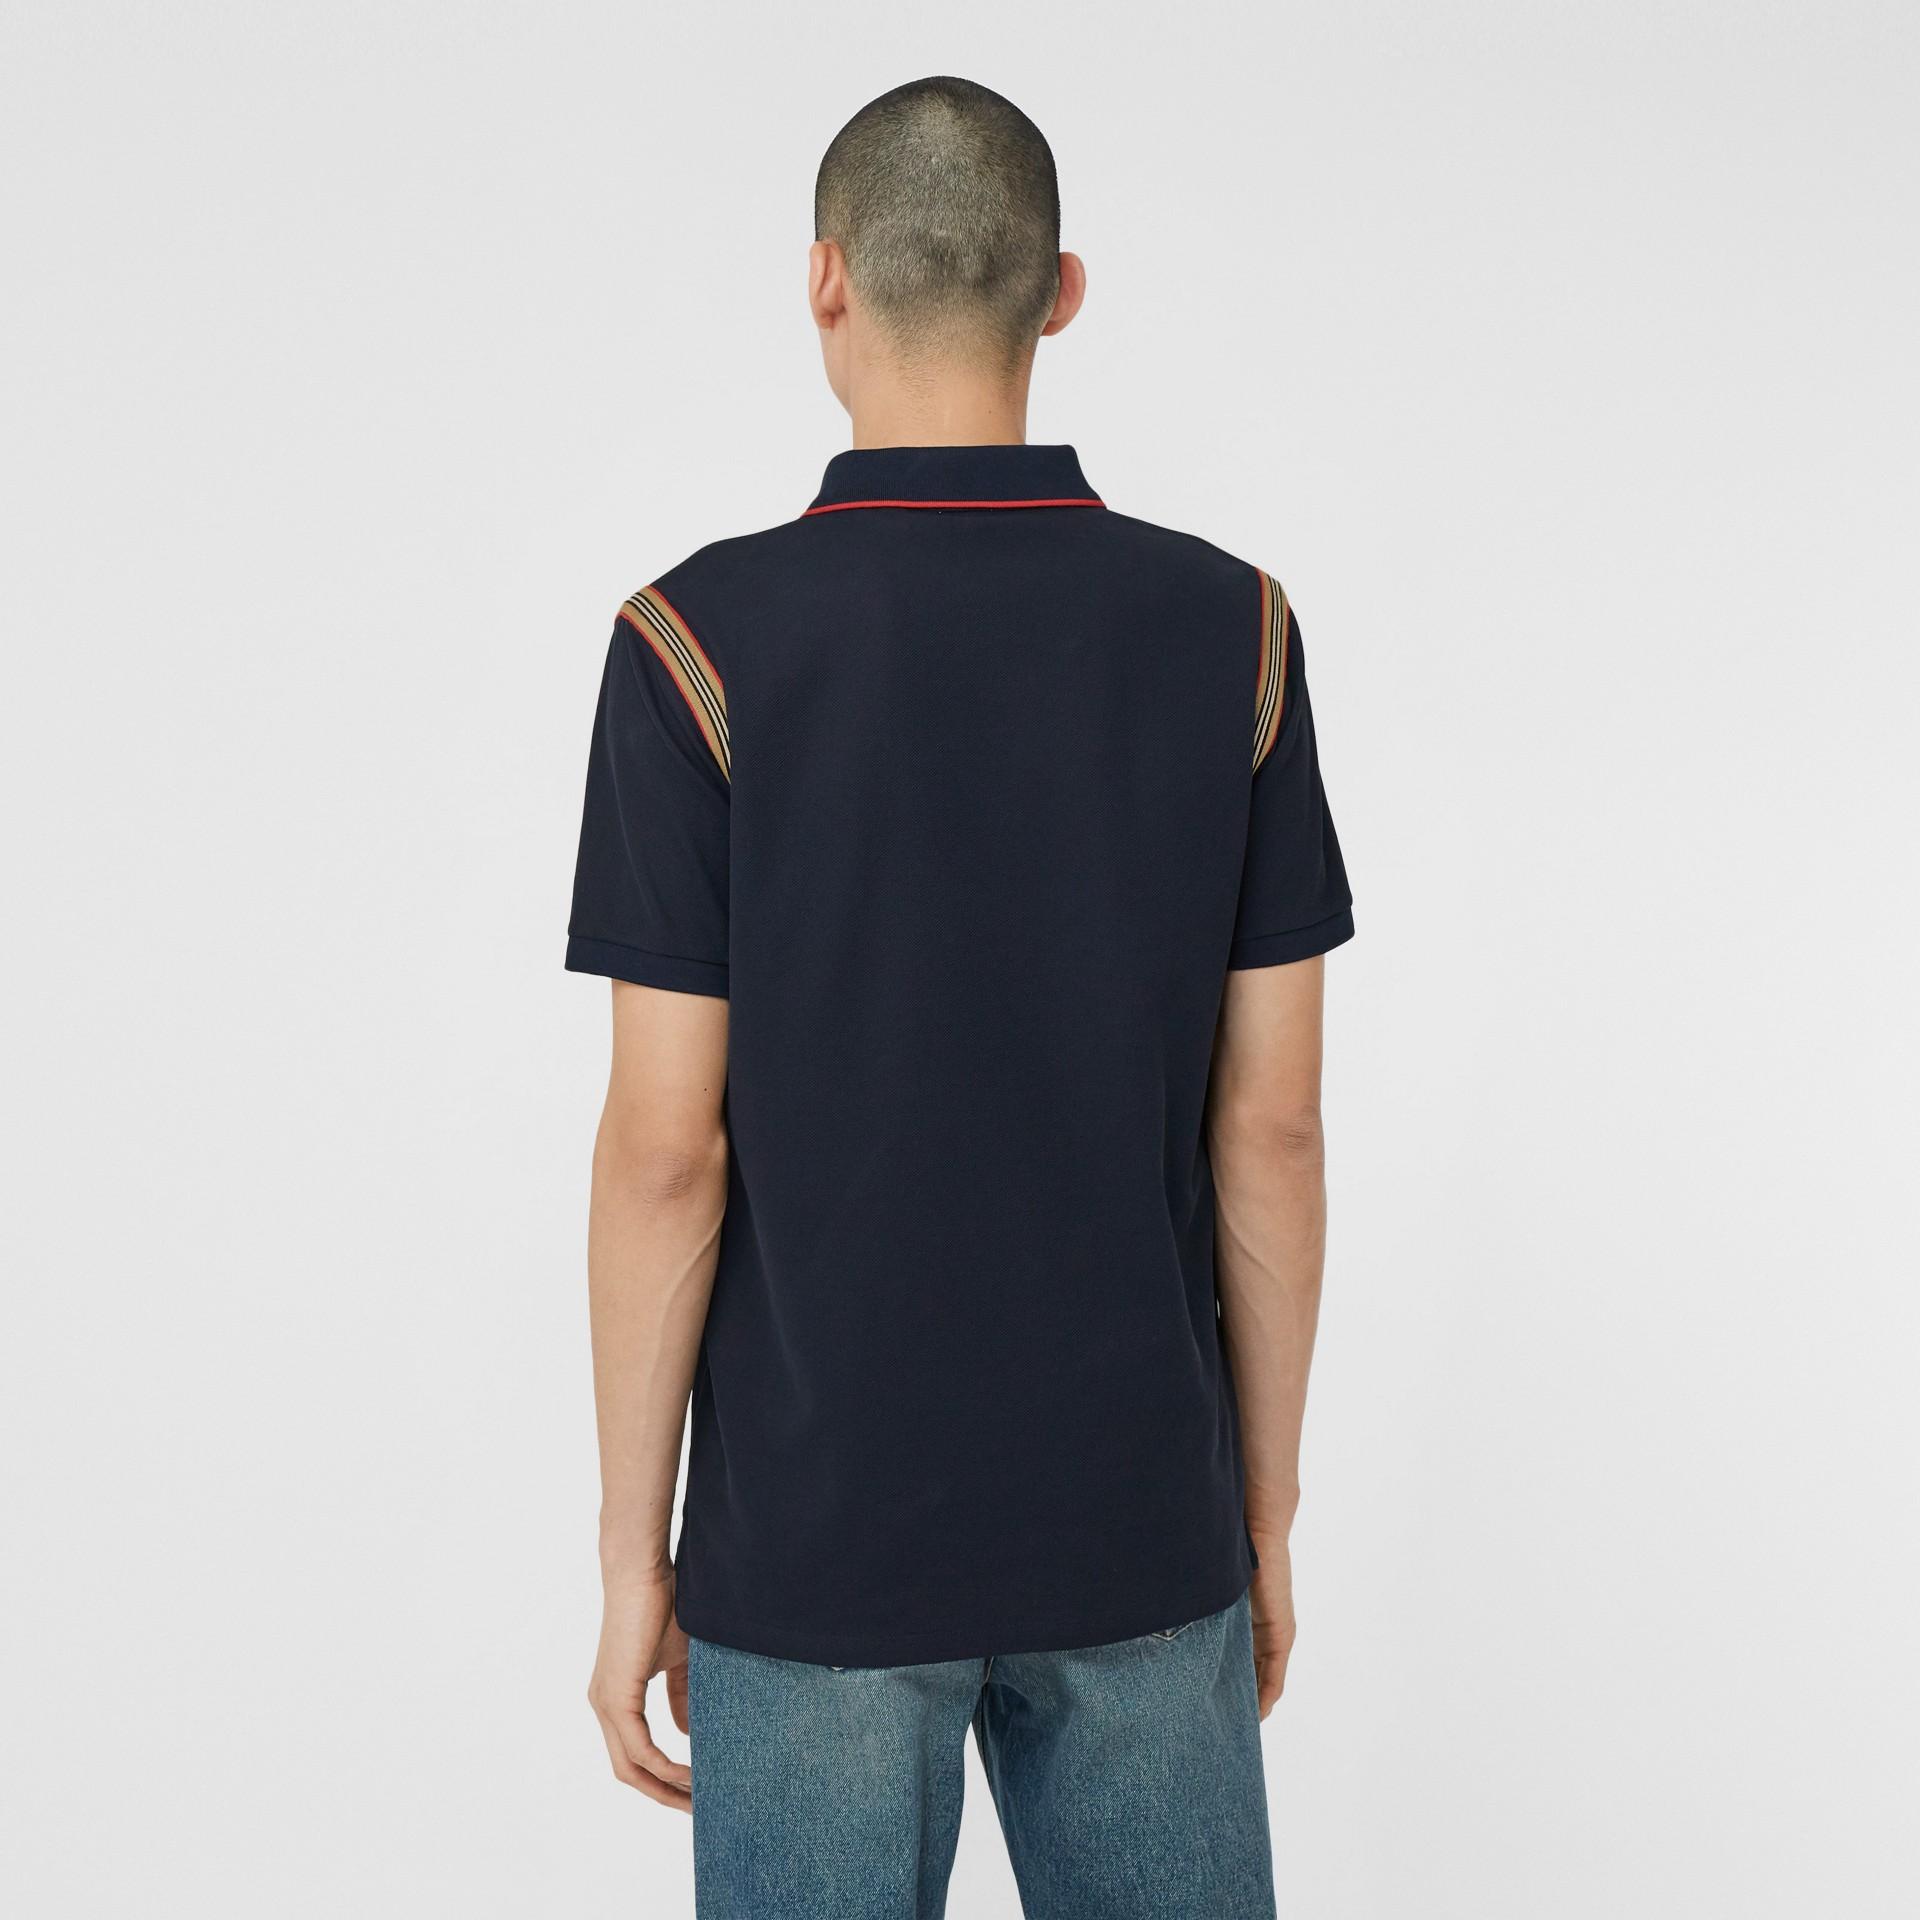 アイコンストライプトリム モノグラムモチーフ コットン ポロシャツ (ネイビー) - メンズ | バーバリー - ギャラリーイメージ 2